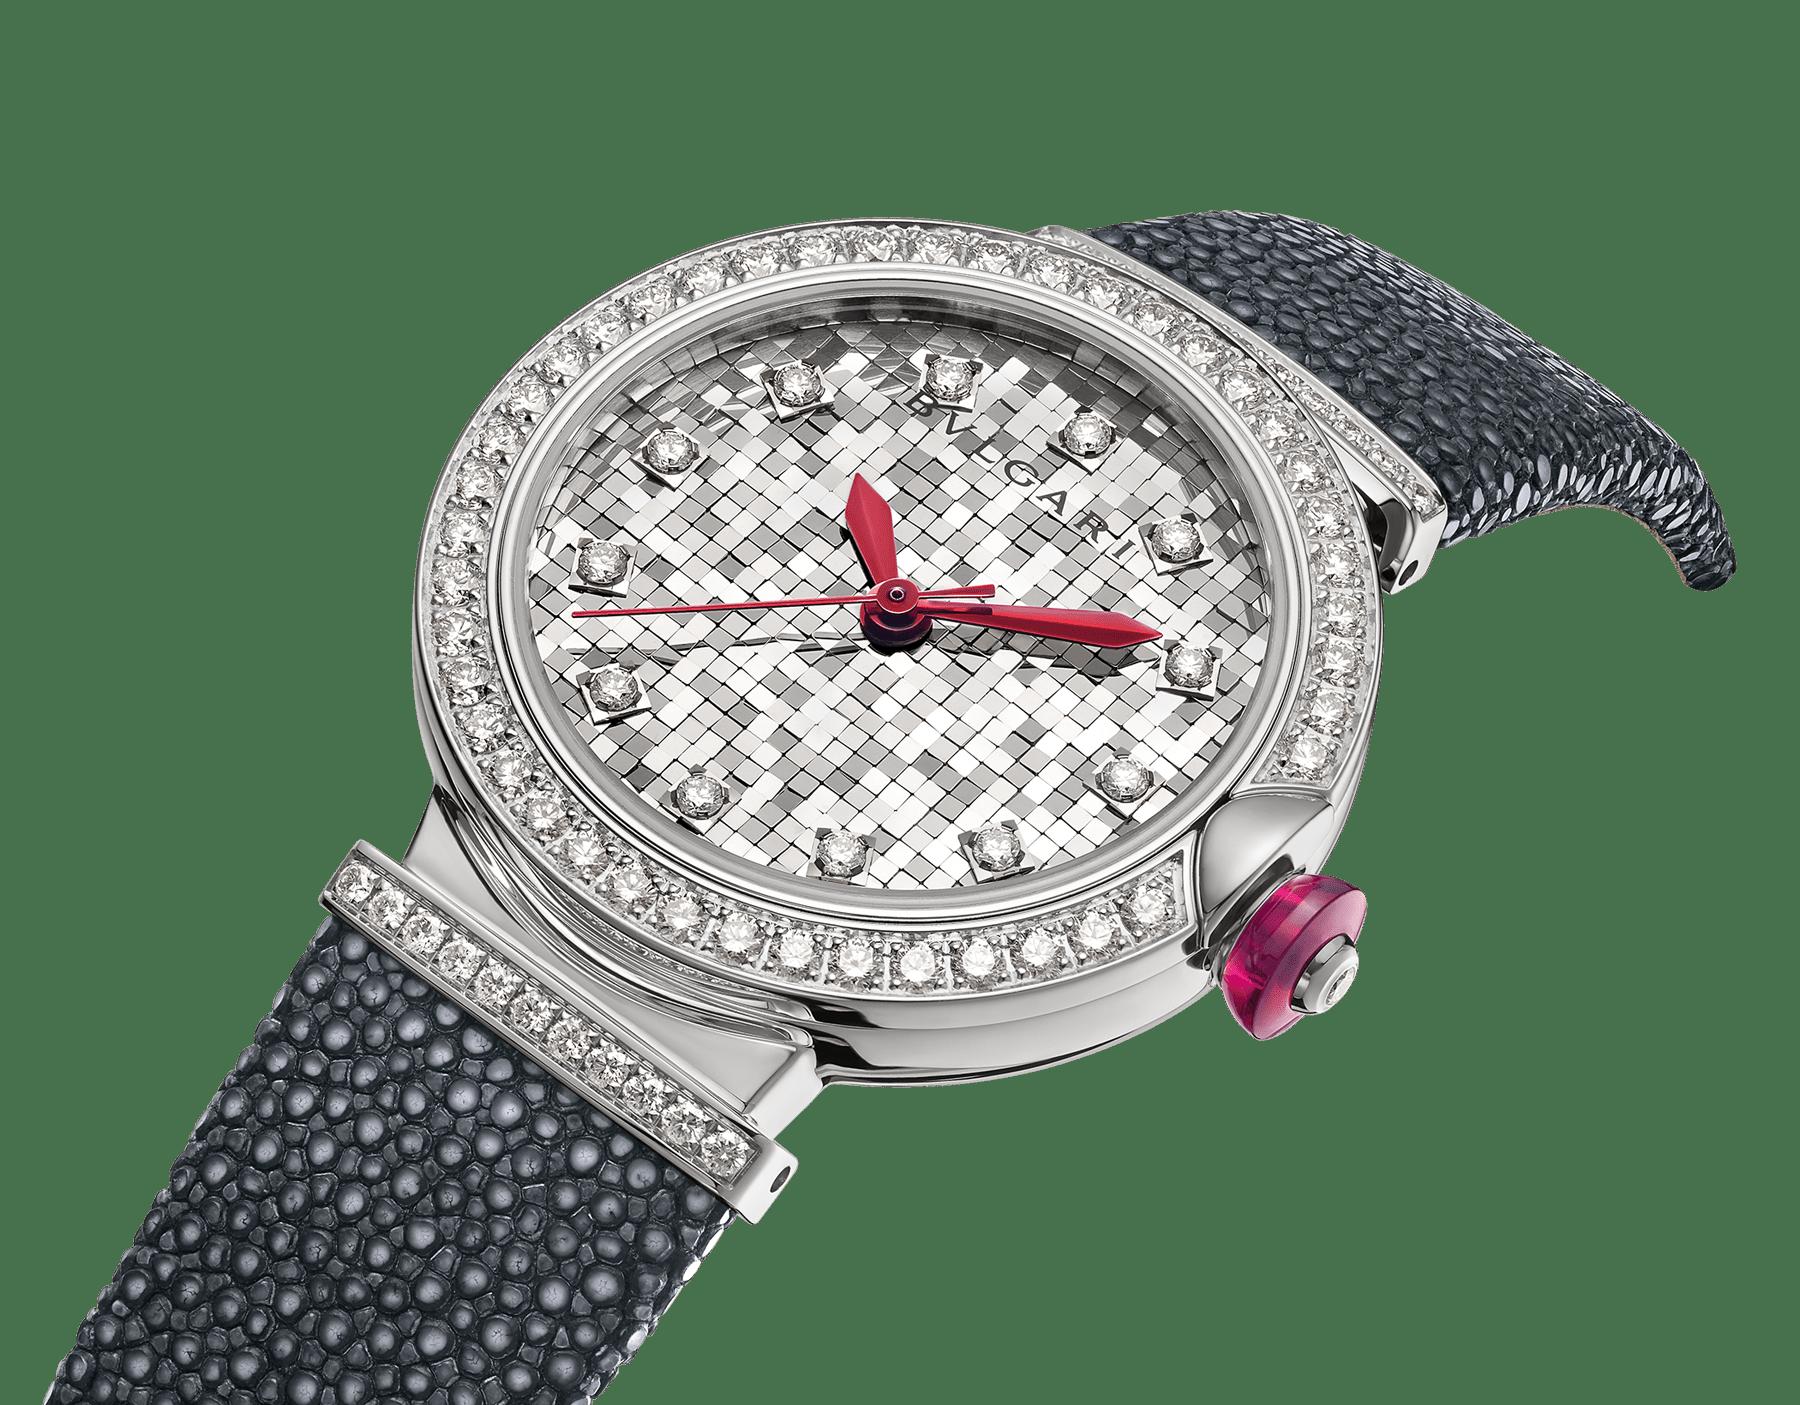 Reloj LVCEA con caja en oro blanco de 18 qt con diamantes engastados, esfera mosaico en oro blanco de 18 qt y correa de galuchat negra. 102830 image 2